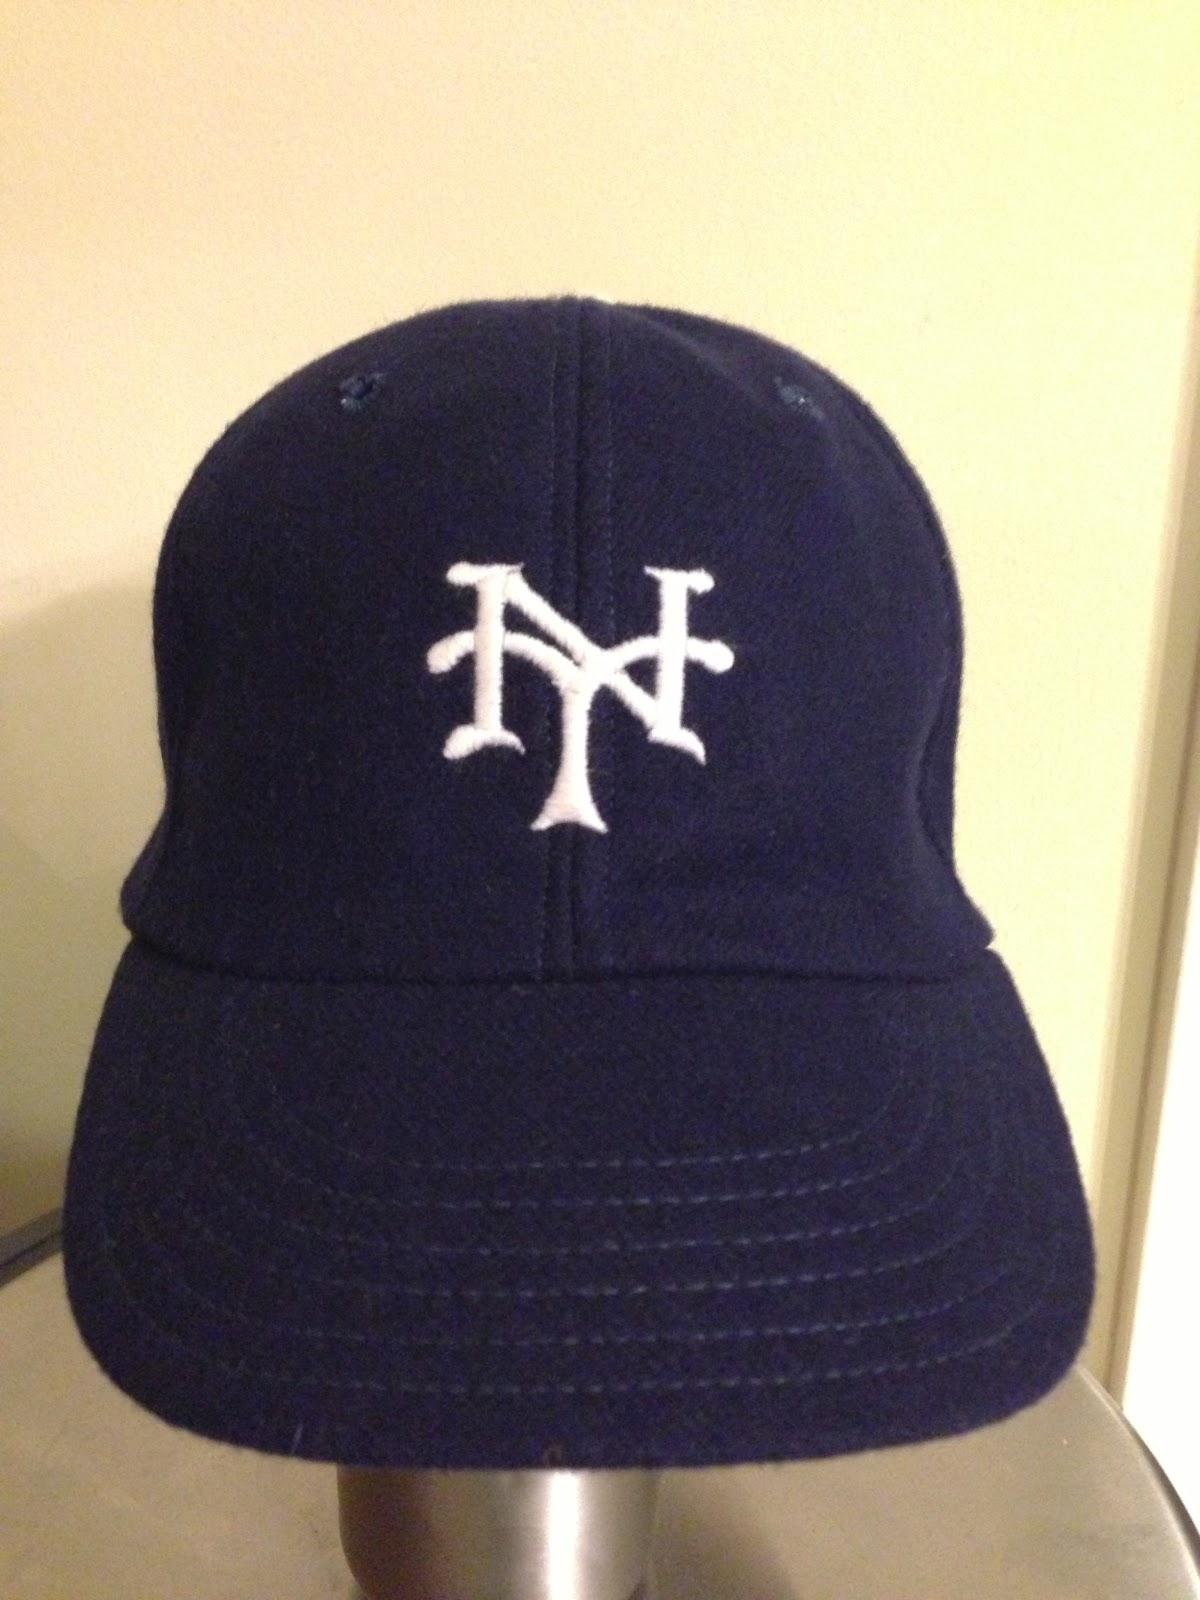 Cooperstown Ball Cap Co Caps 1936 New York Giants